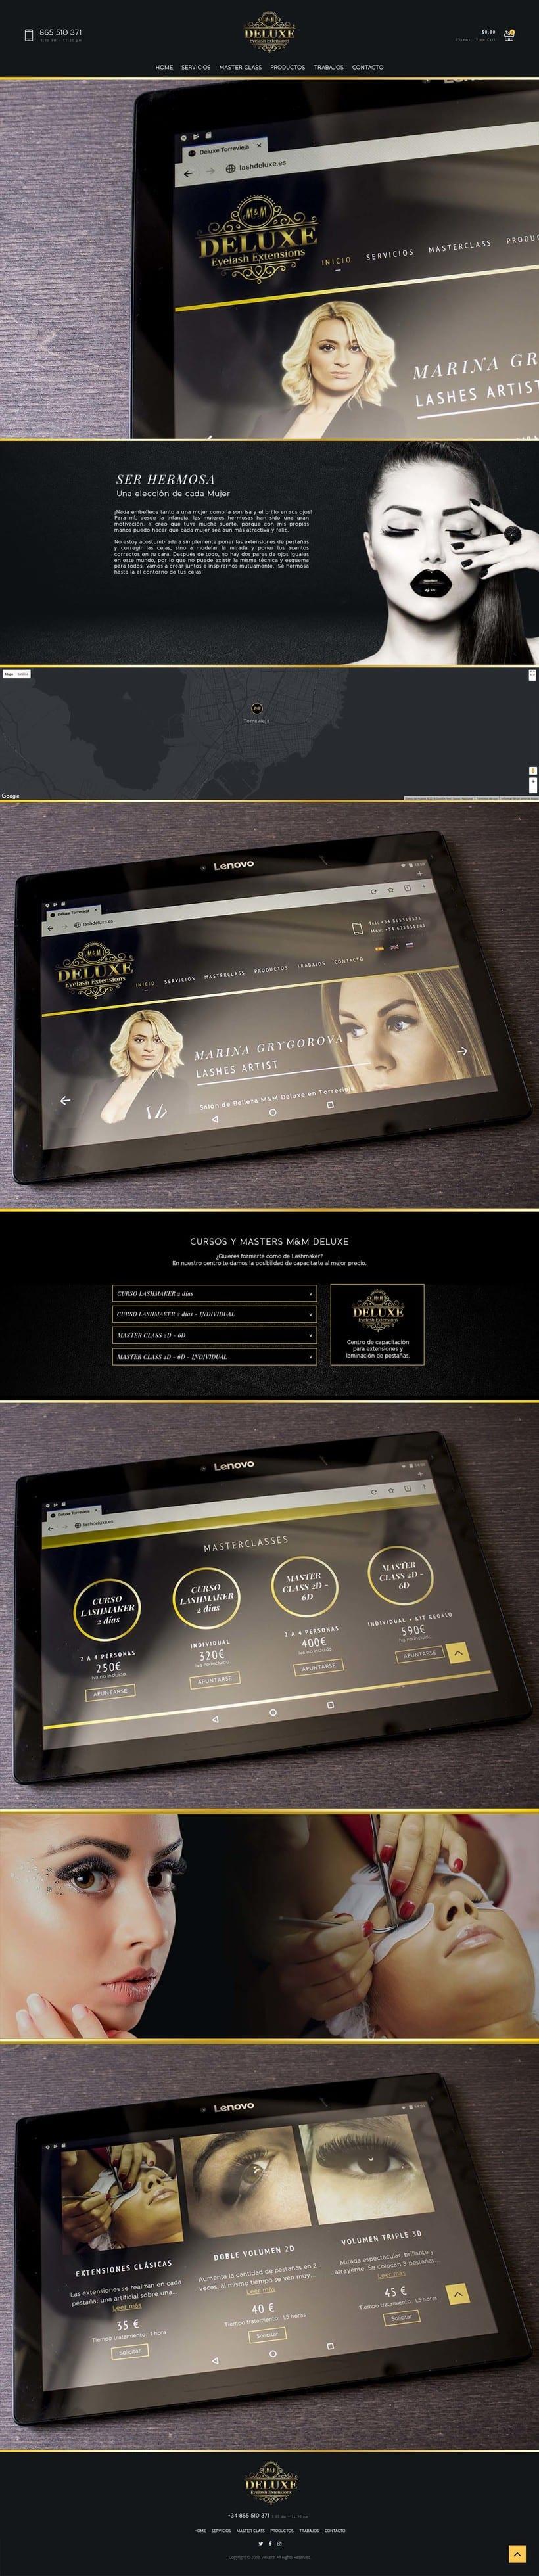 M&M Deluxe - Diseño web, UX/UI 1